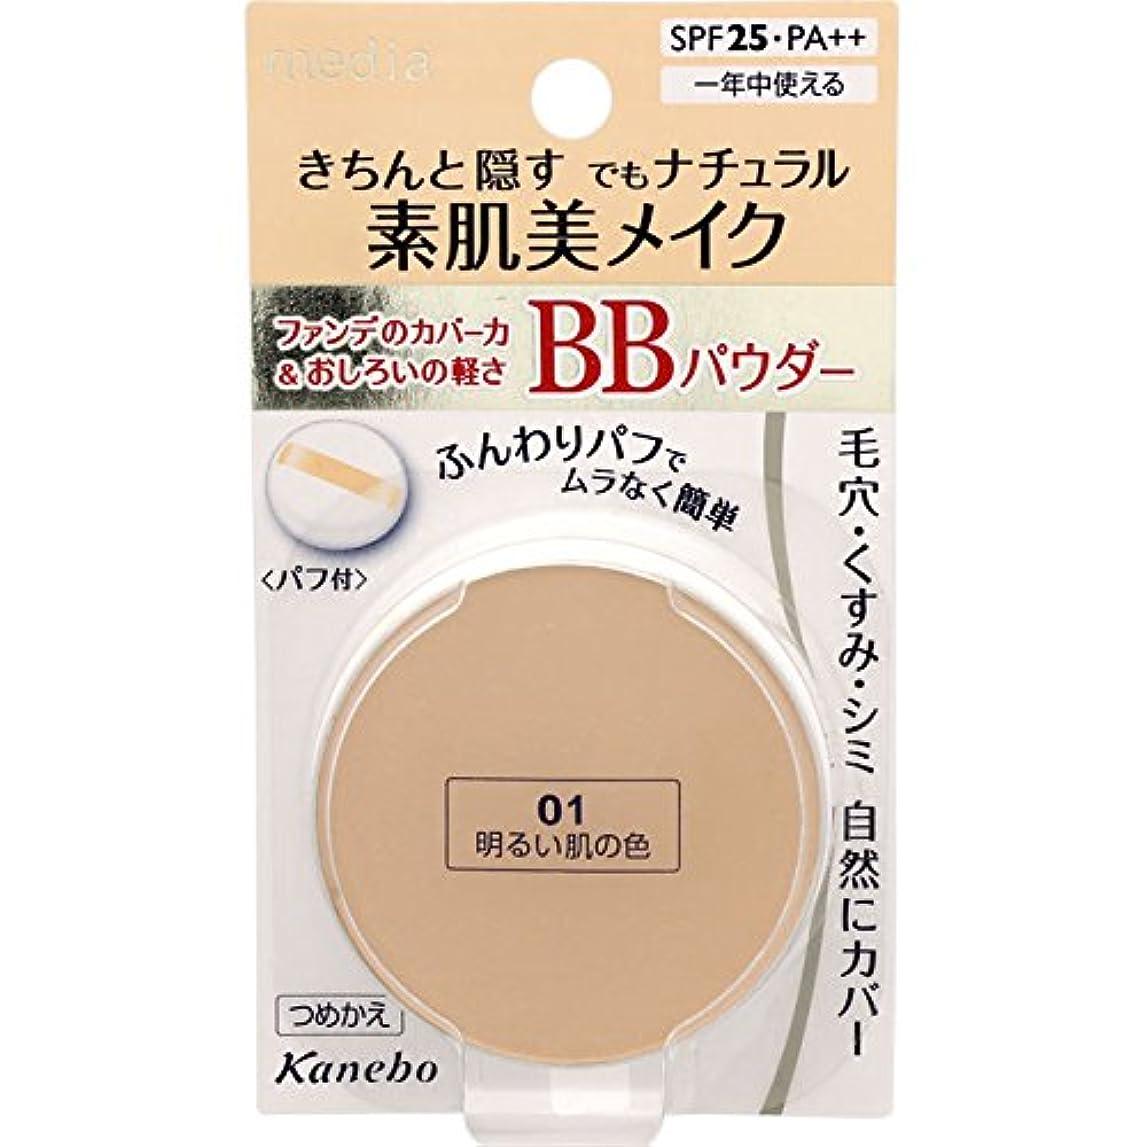 住人ラベ名詞メディアBBパウダー01(明るい肌の色)×3